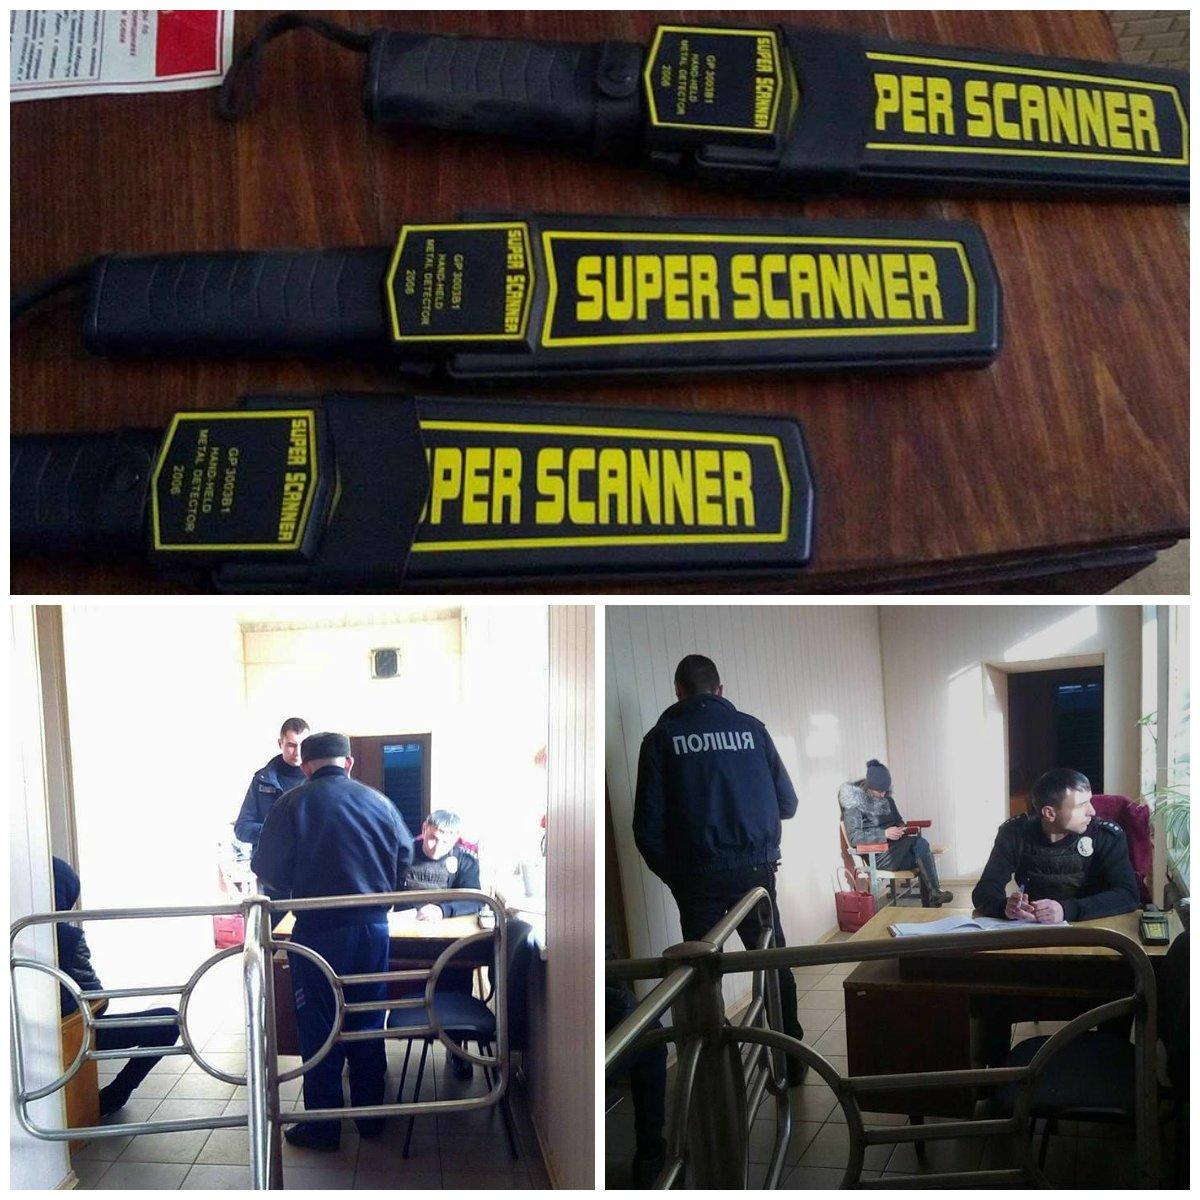 Никопольскийгоррайонный суд охраняют представители национальной полиции